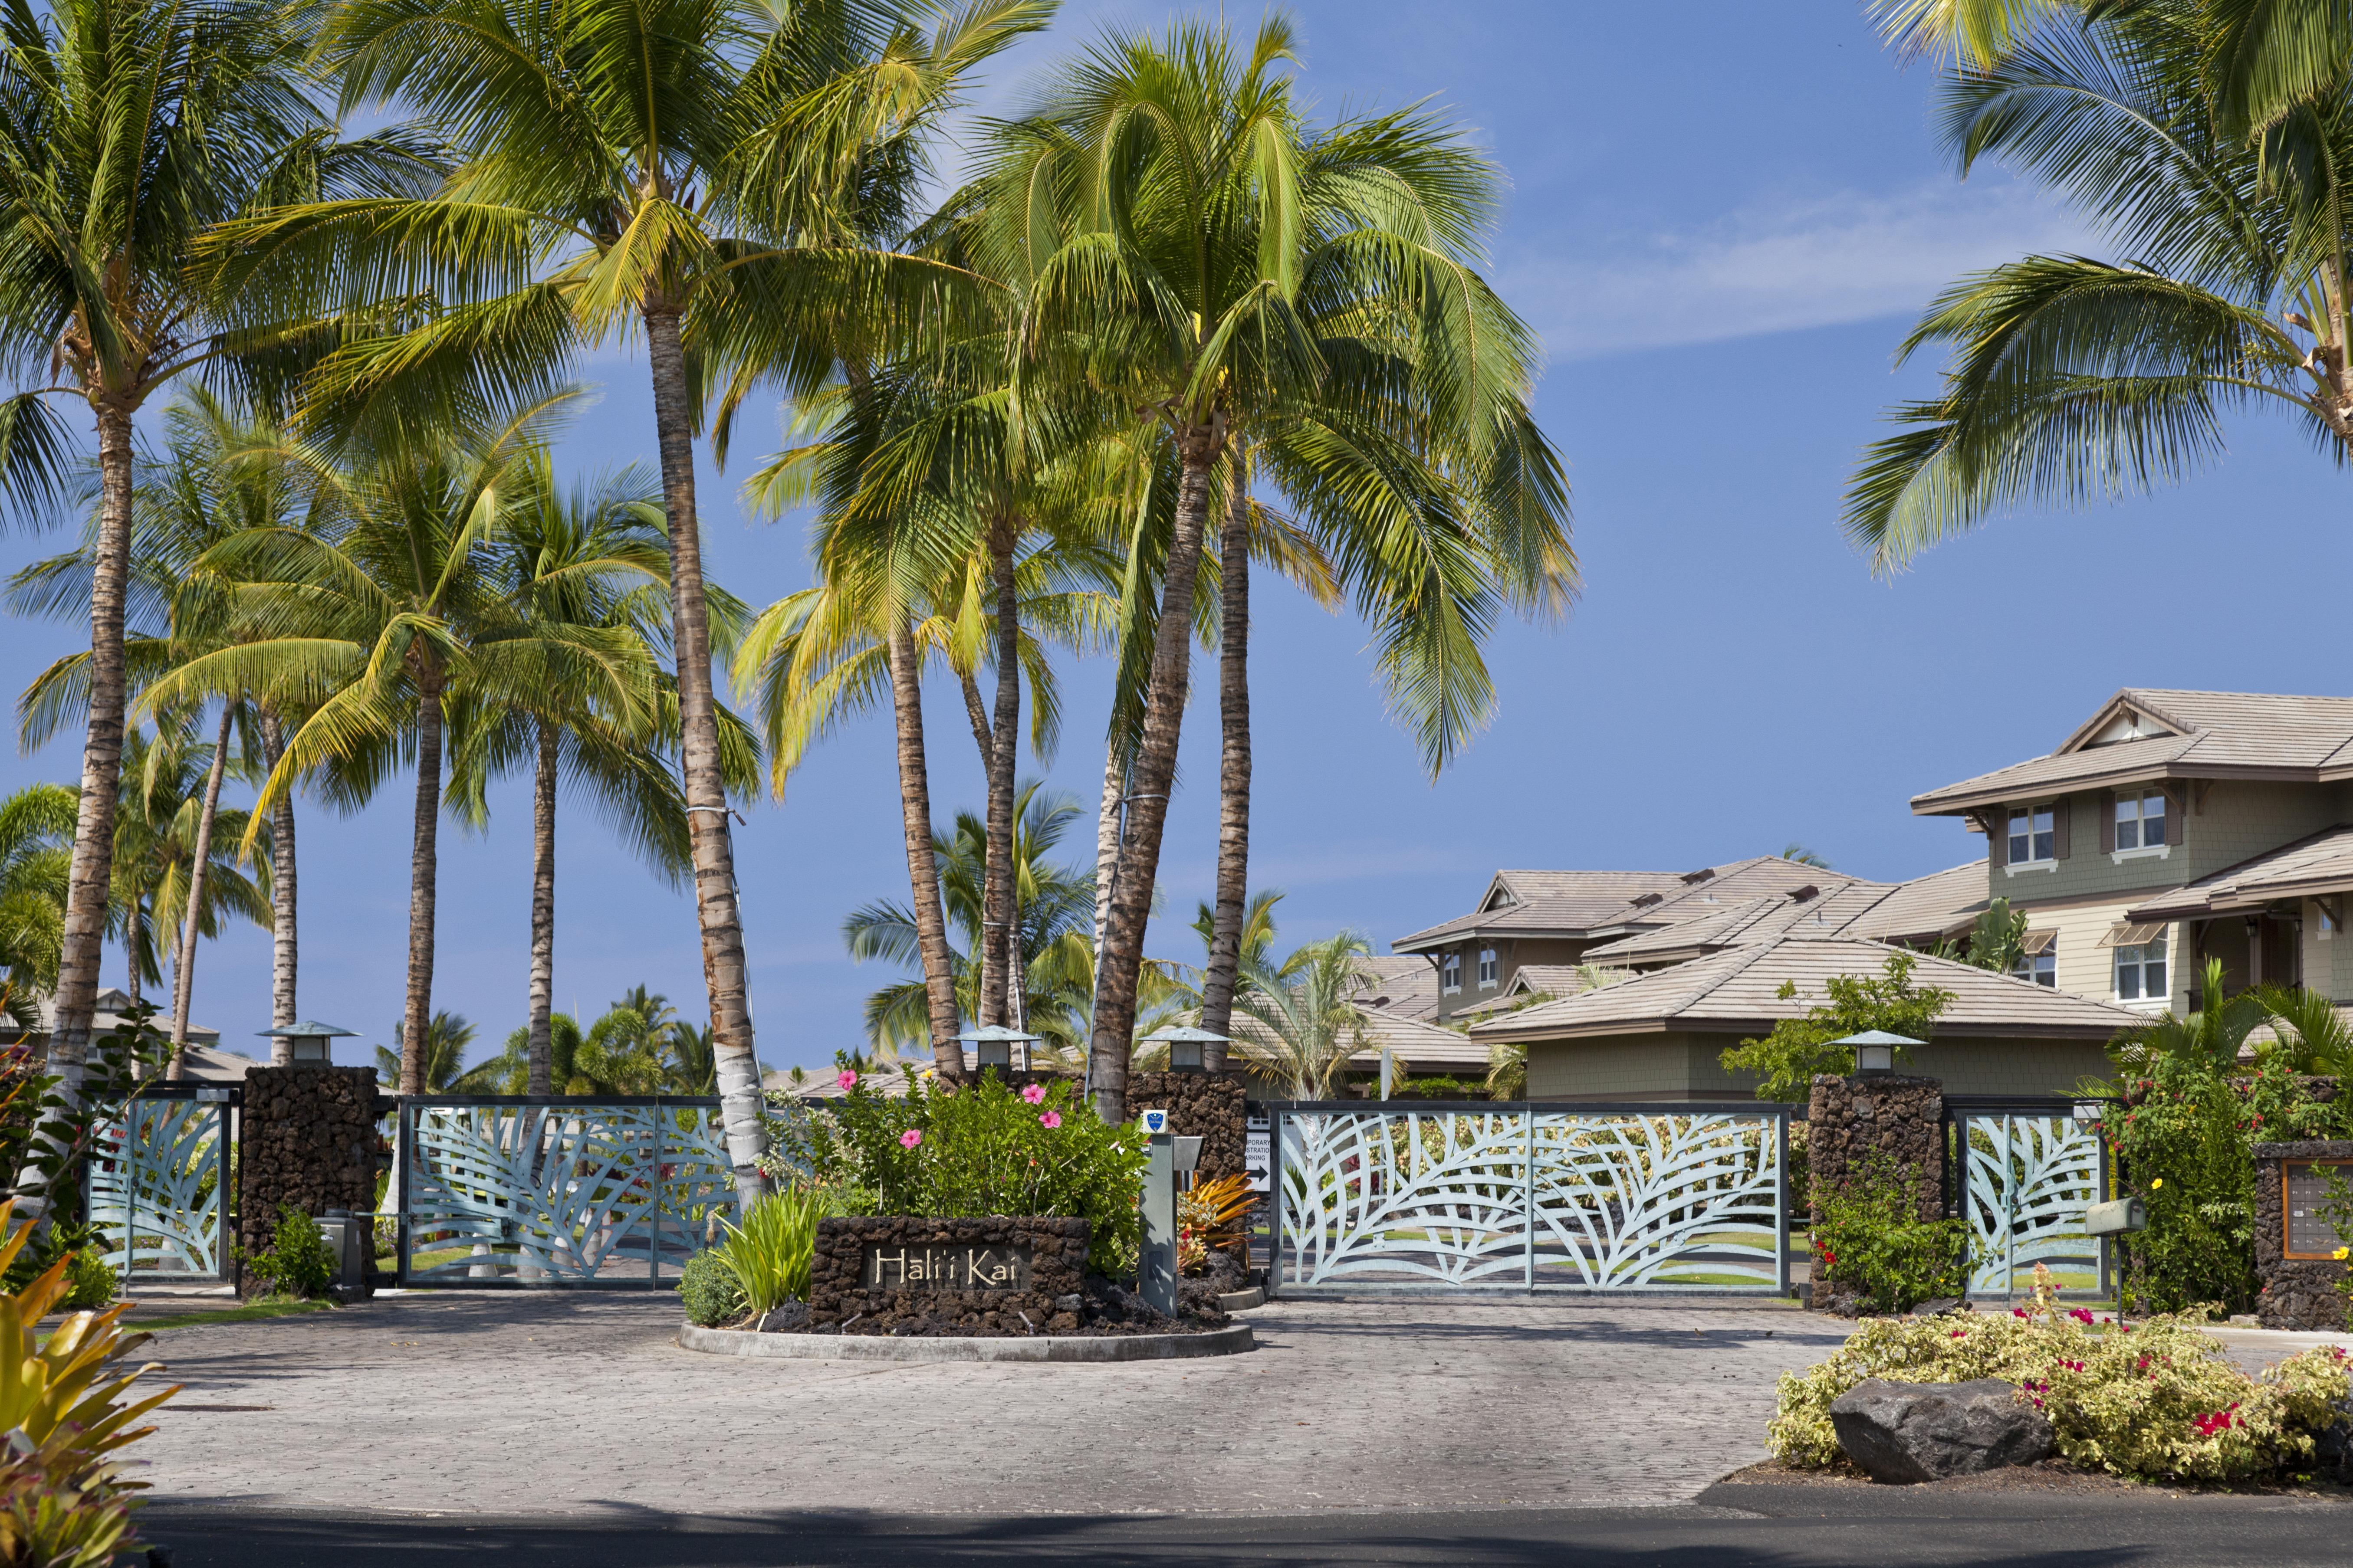 Halii Kai gated oceanfront condominium community